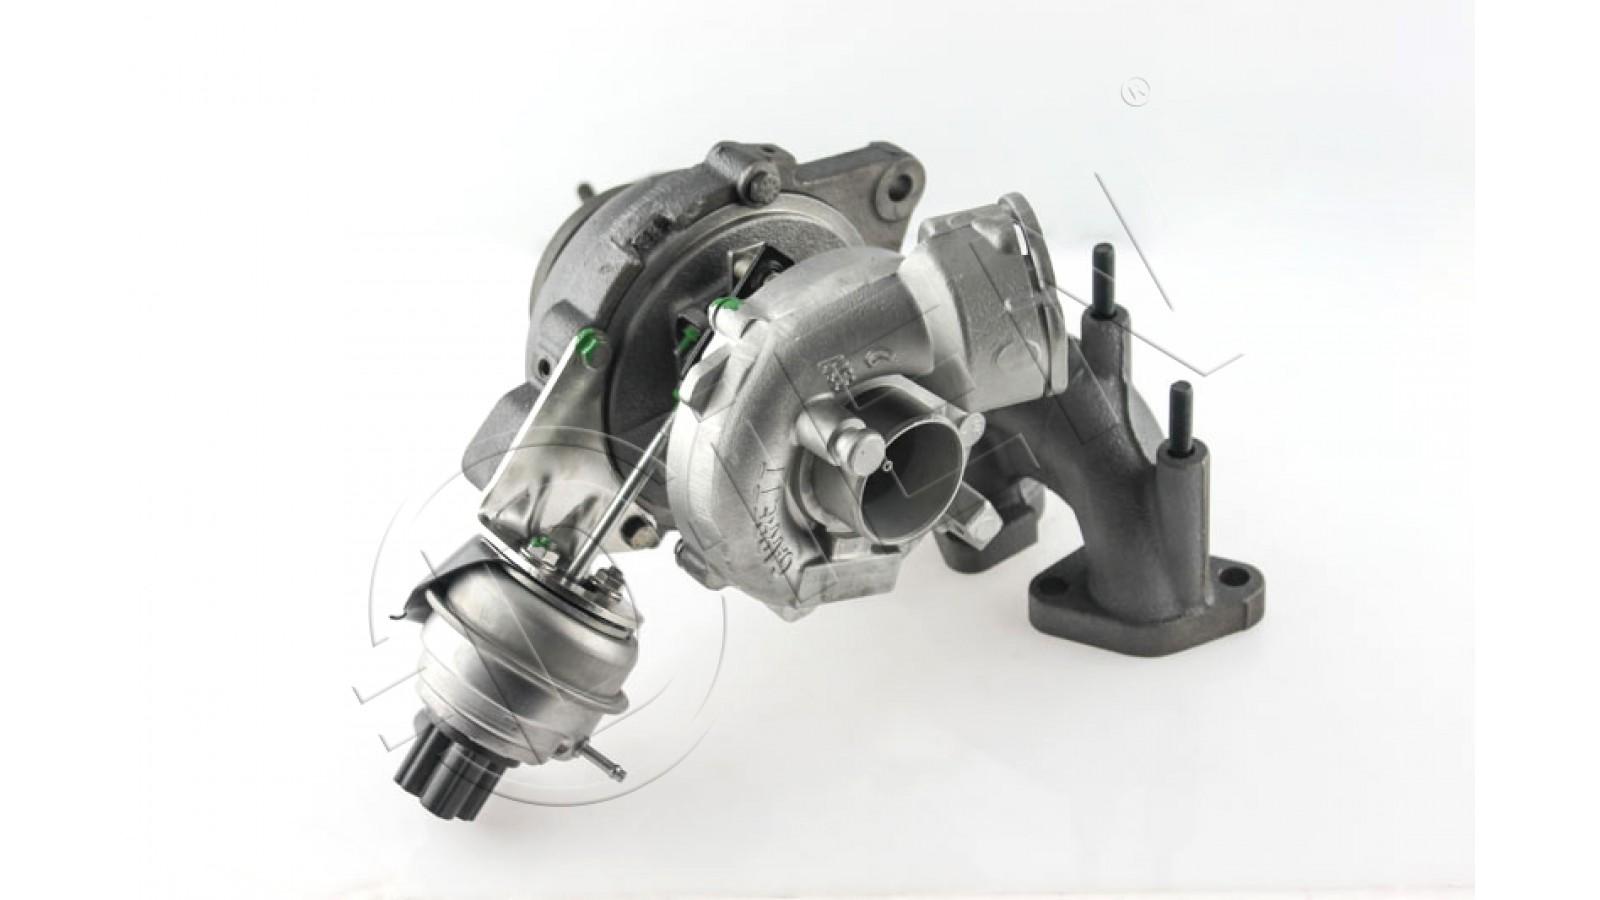 Turbocompressore  VOLKSWAGEN  GOLF V  2.0 TDI 16V  140Cv  1968ccm  ott 2003 - nov 2008